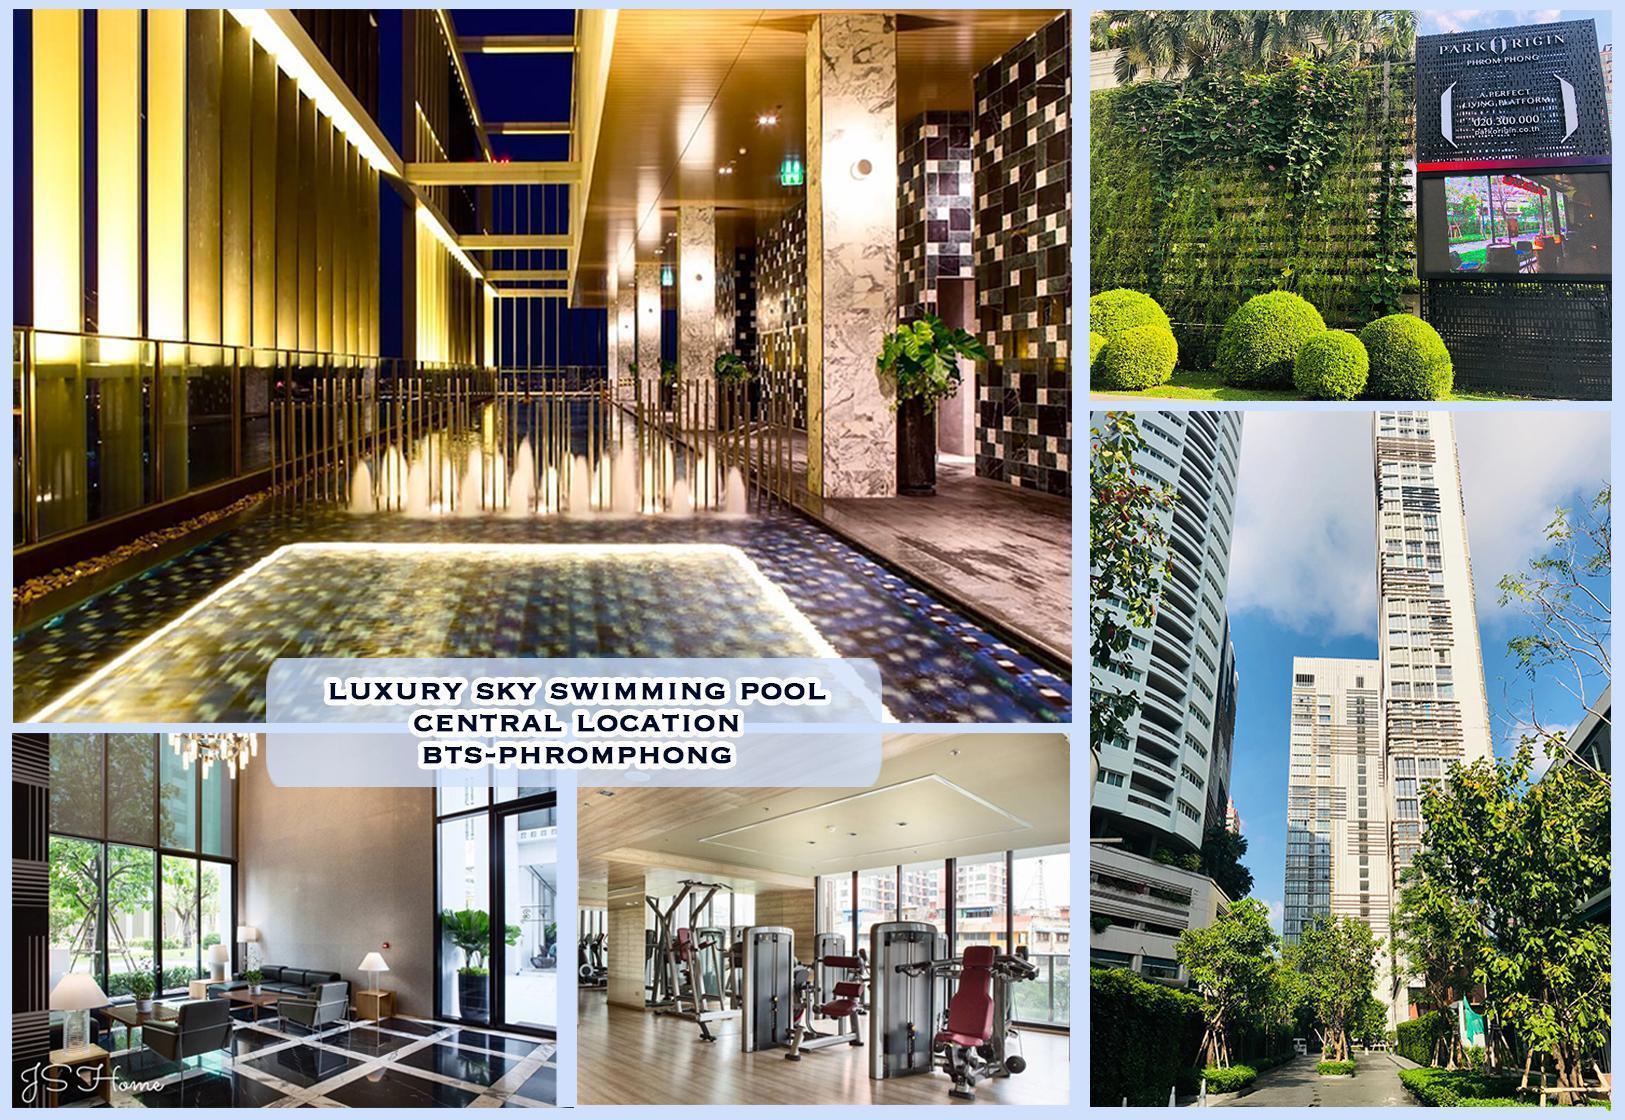 CozyStudio at BTS Phromphong pool&gym Park24 อพาร์ตเมนต์ 1 ห้องนอน 1 ห้องน้ำส่วนตัว ขนาด 30 ตร.ม. – สุขุมวิท